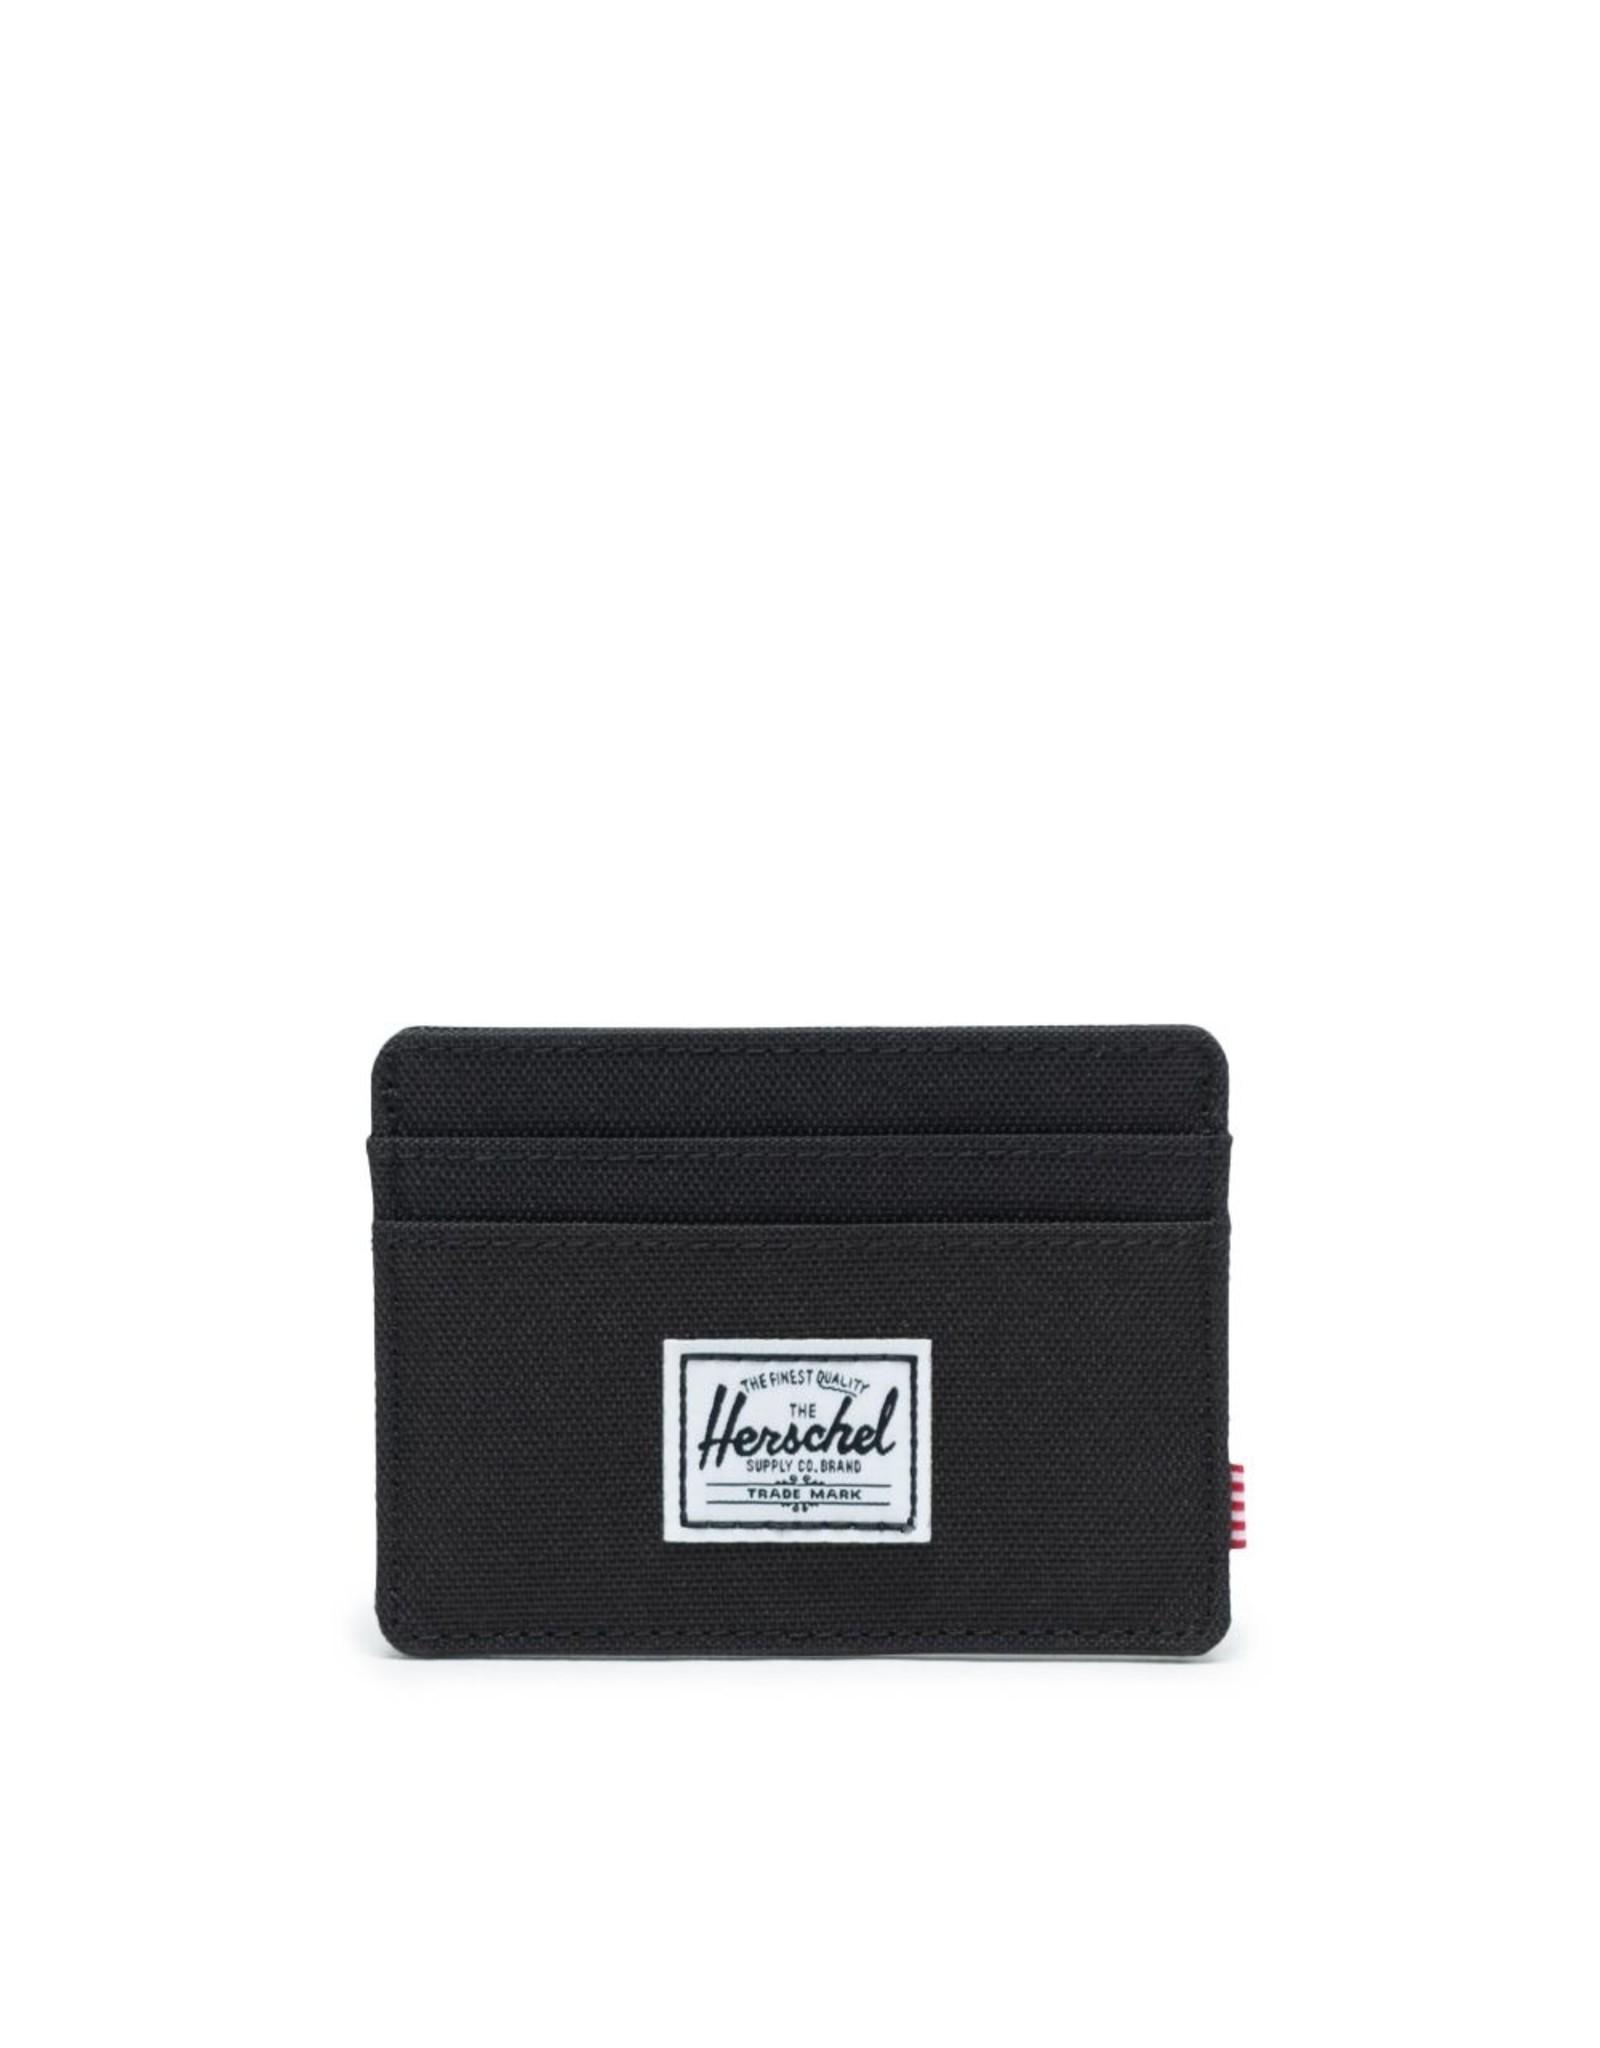 Hershel CHARLIE+Wallet